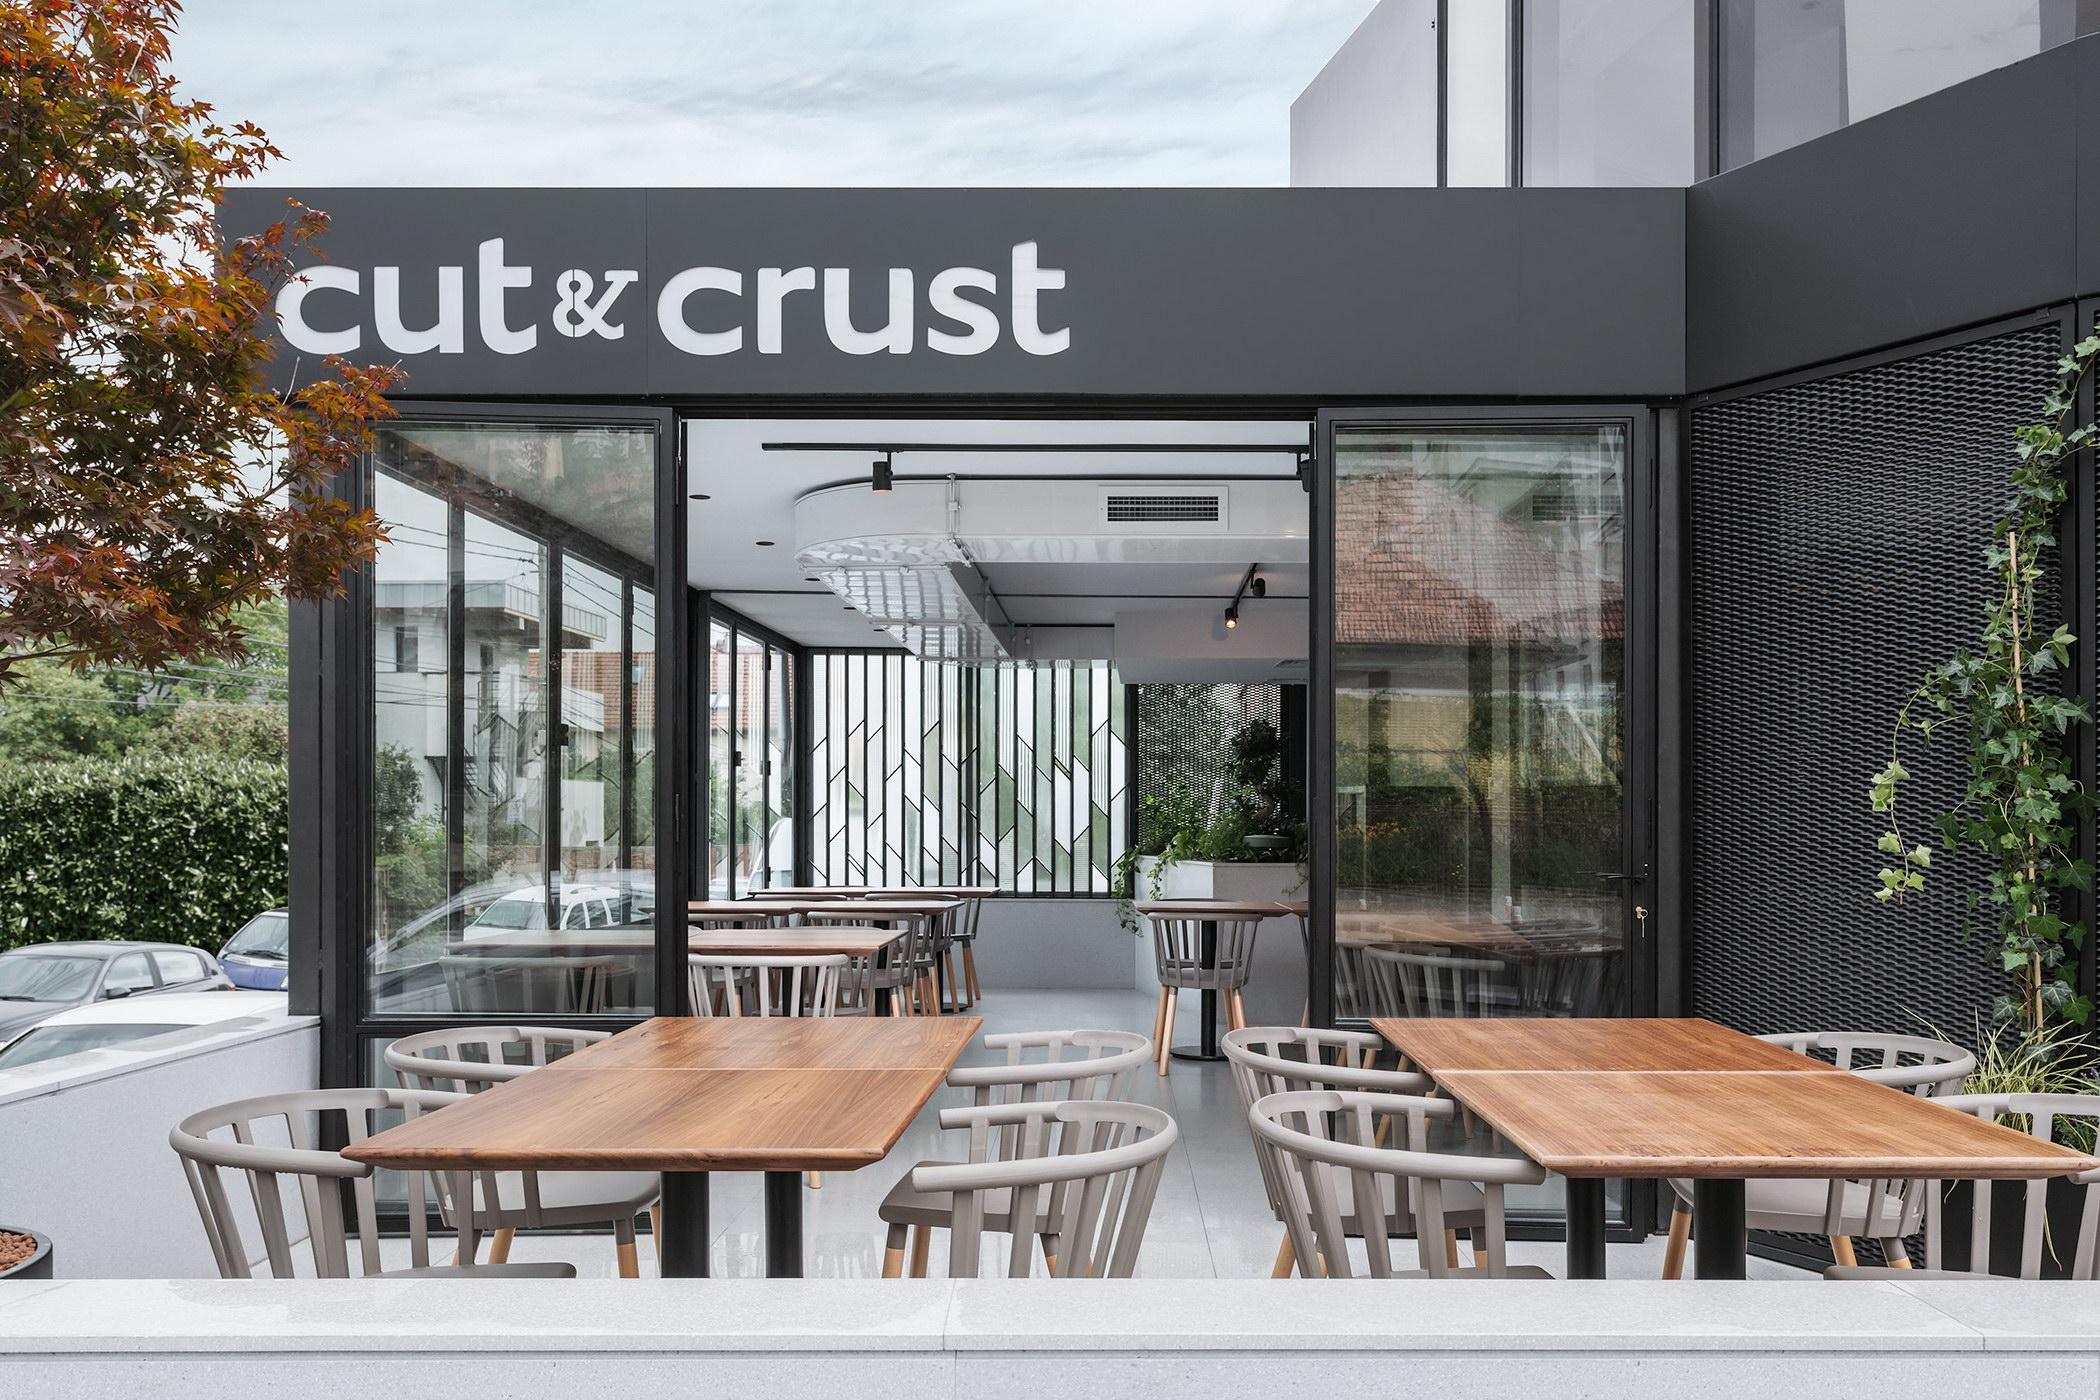 Cut & Crust 07_resize